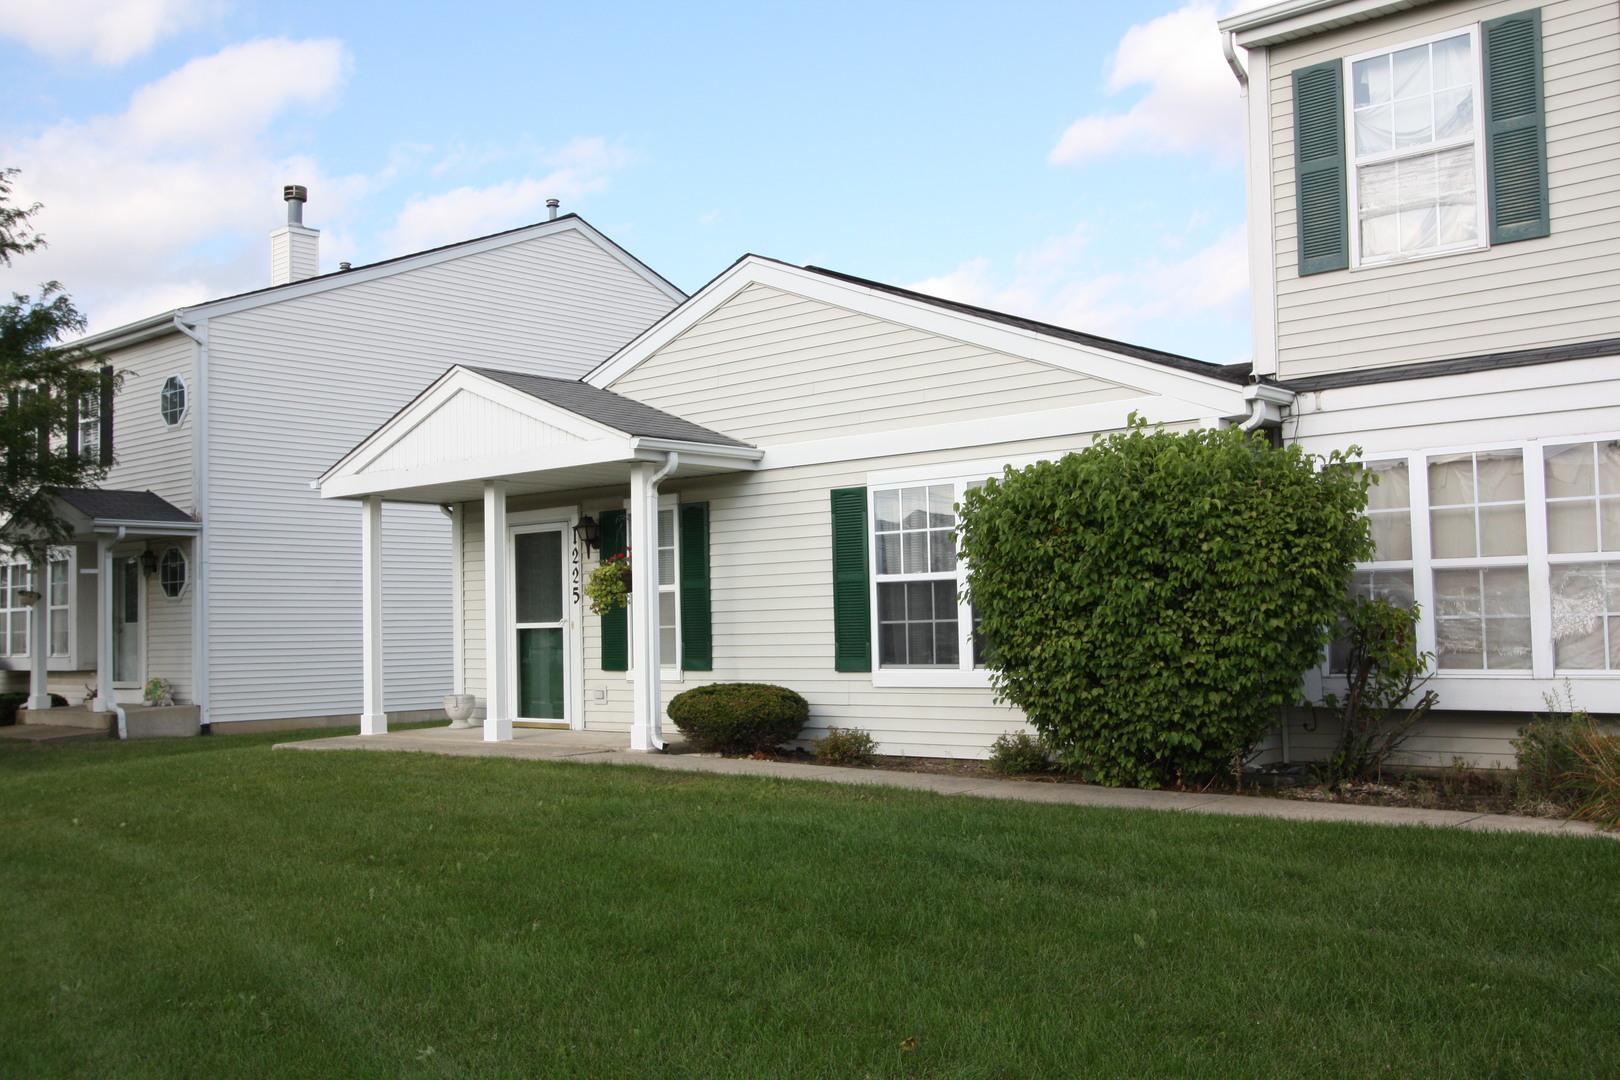 1225 Bayberry 003, Joliet, Illinois, 60435